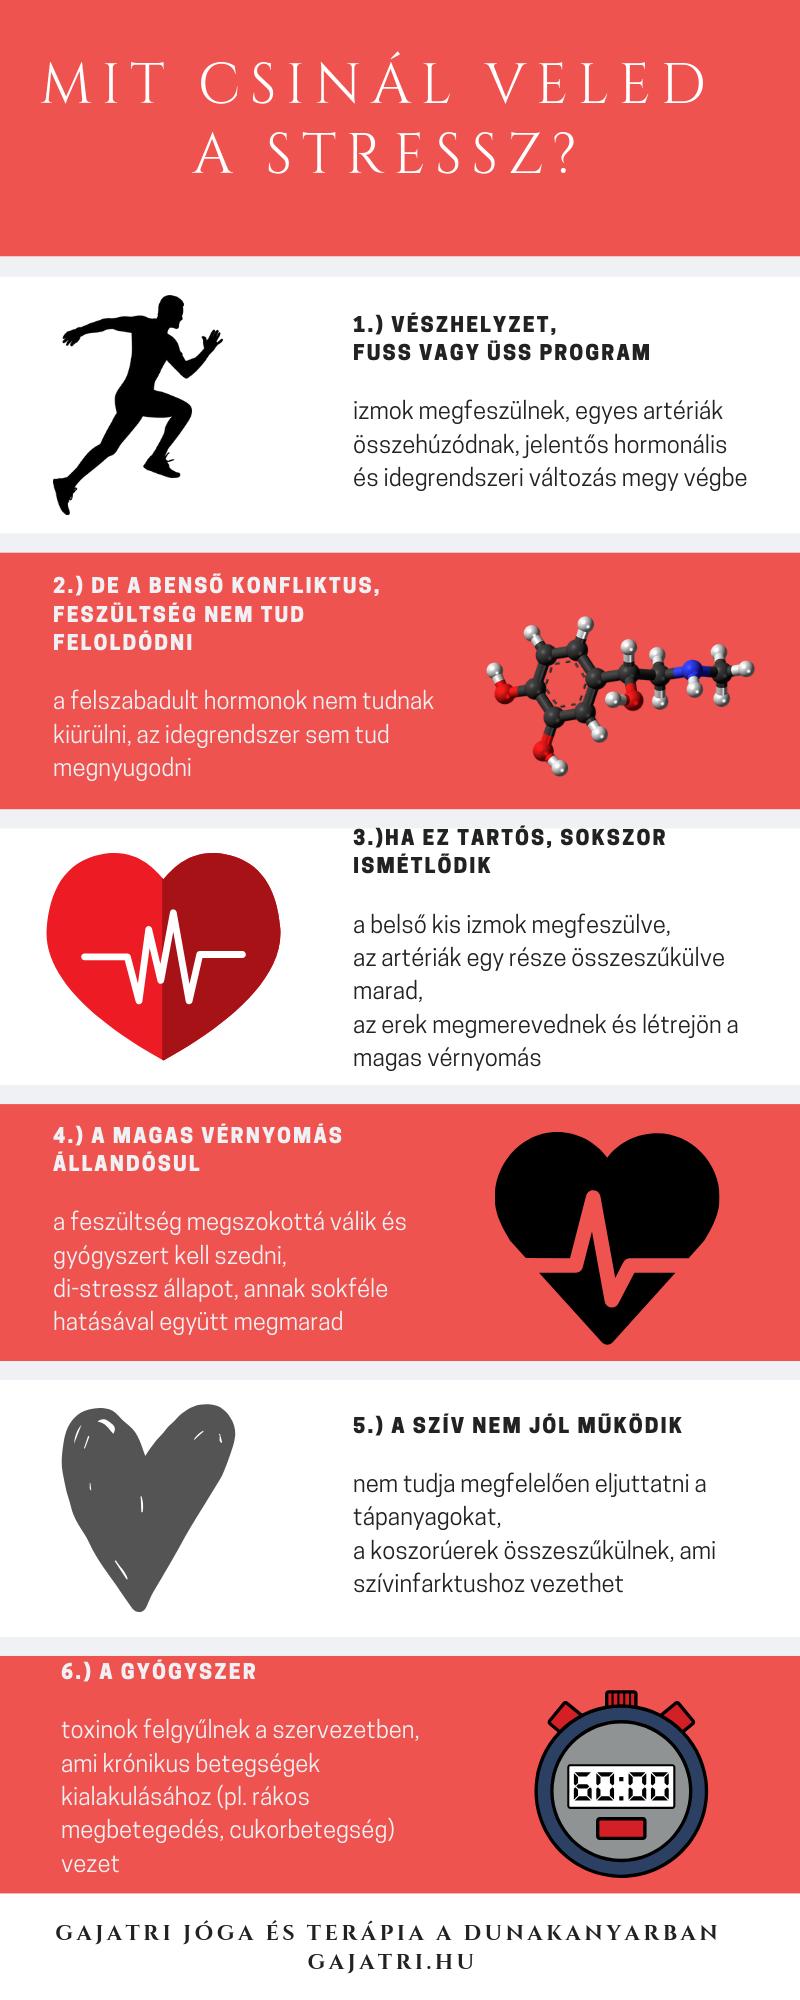 magas vérnyomás milyen ételeket tudsz